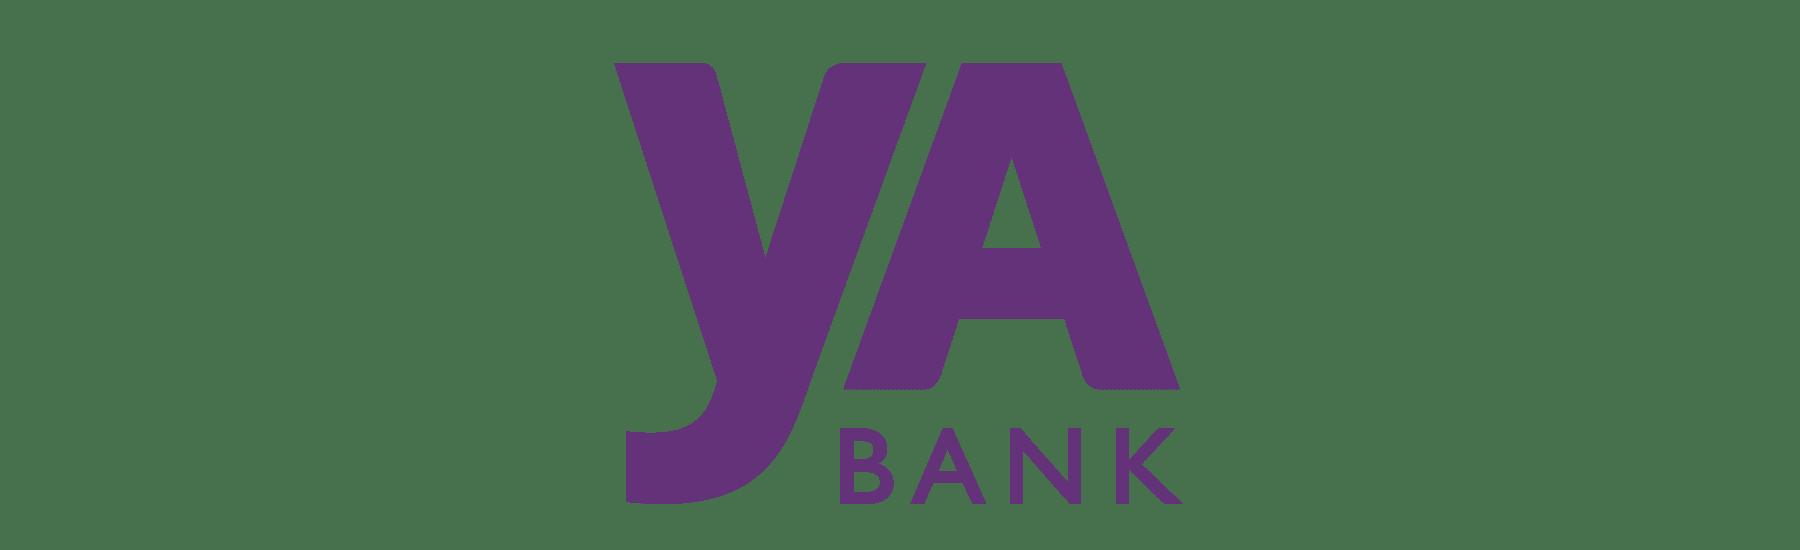 ya-bank